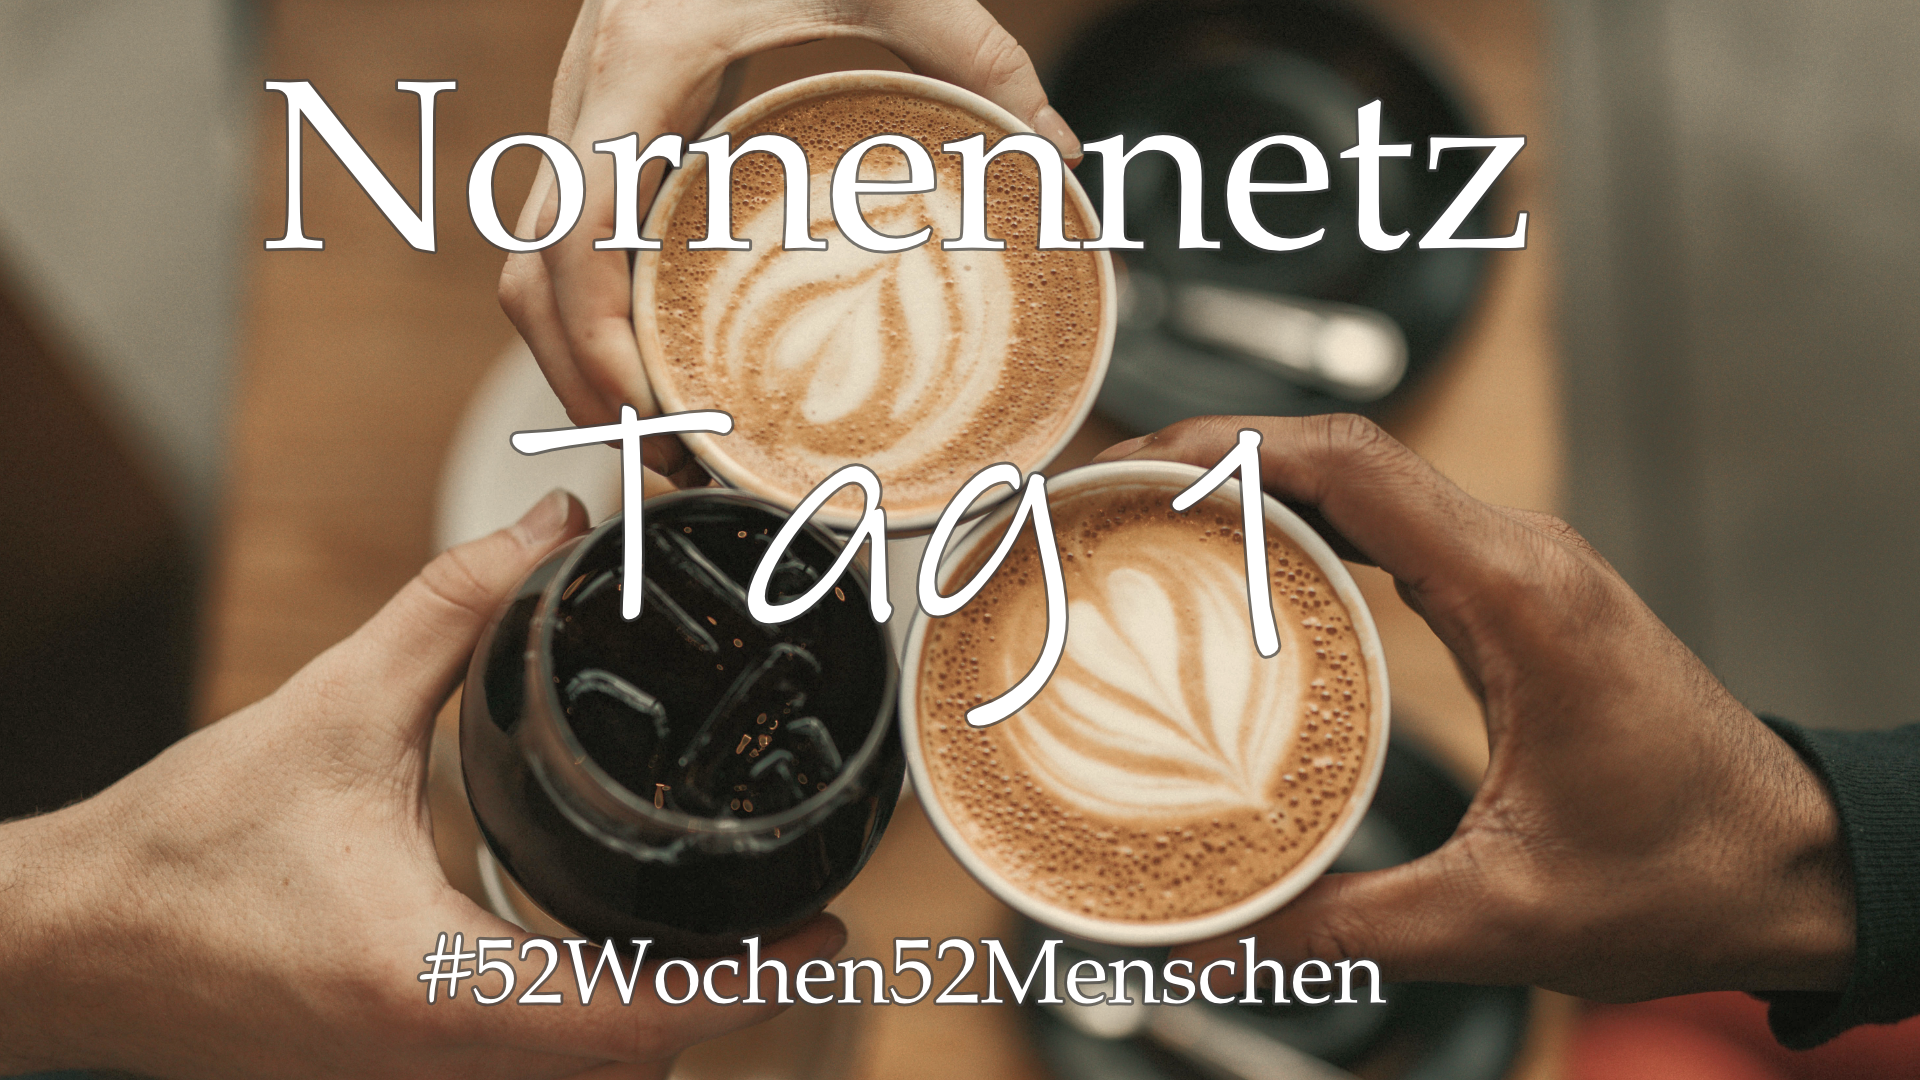 #52Wochen52Menschen: KW2 – Nornennetzwerk- Tag 1